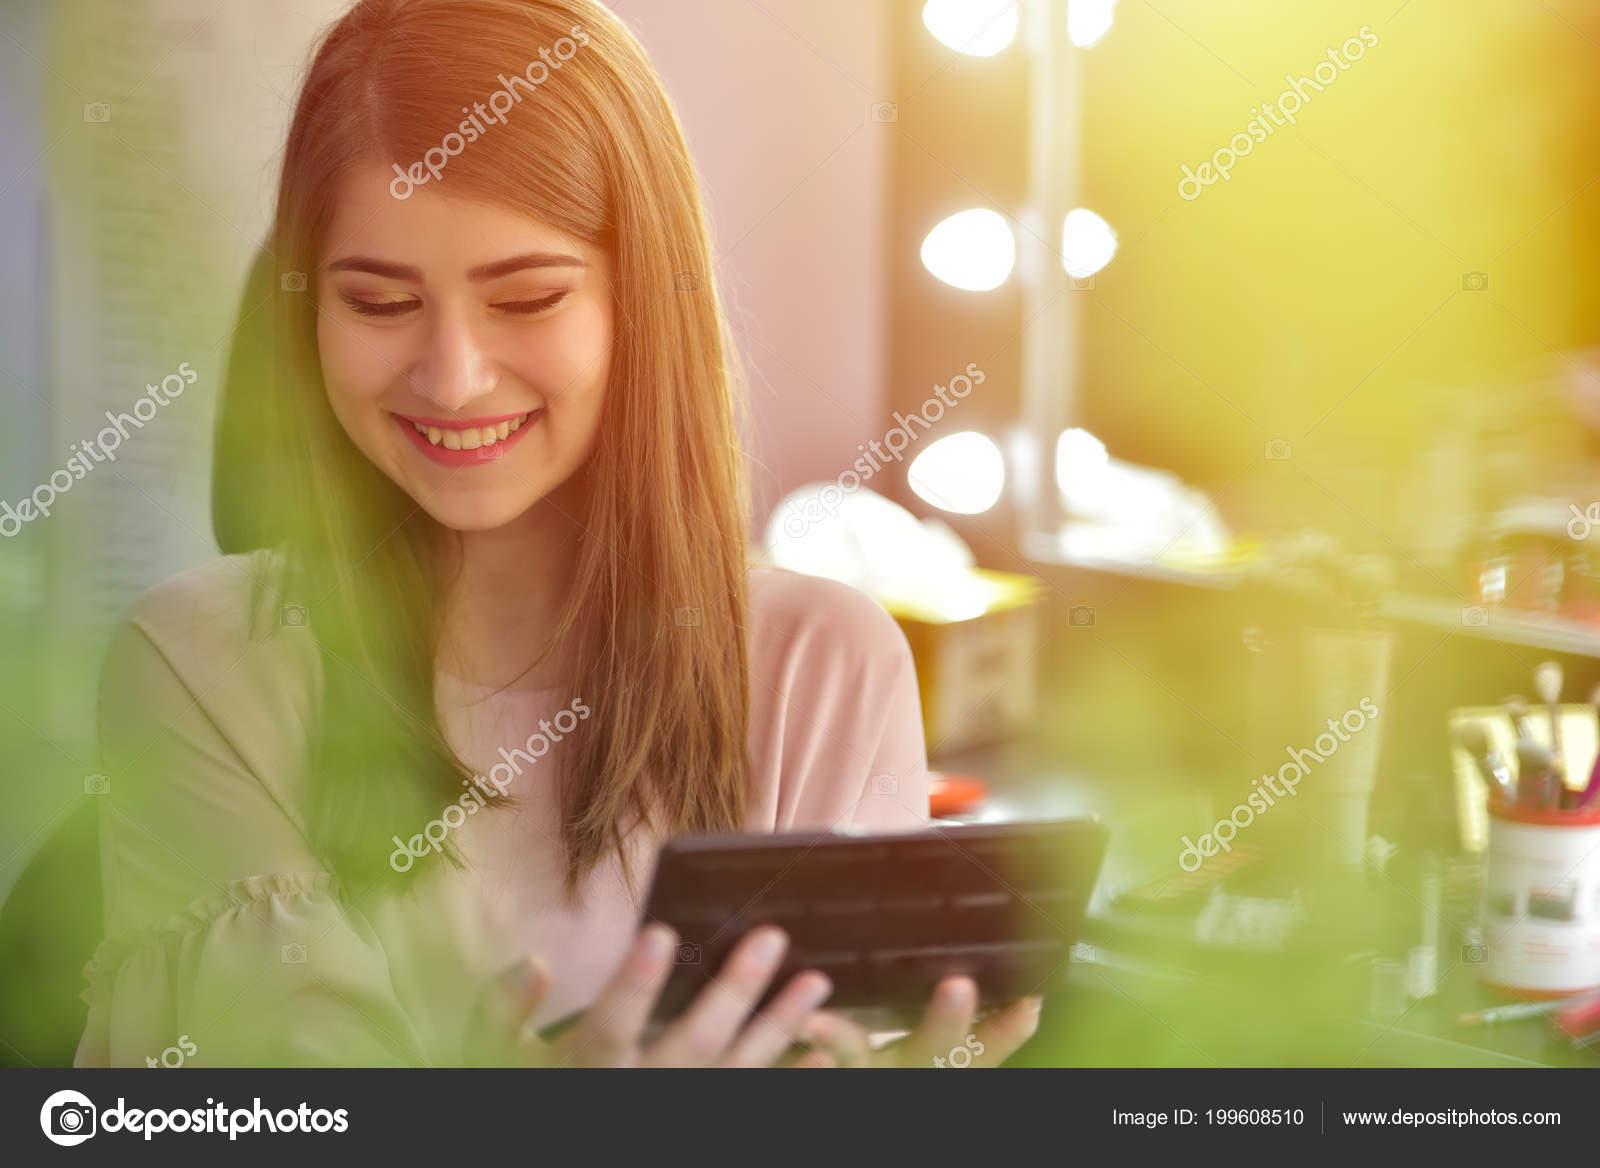 3f74420f65e727 Візажист Створюючи Красиві Макіяж Нареченої Весілля — Стокове фото ...